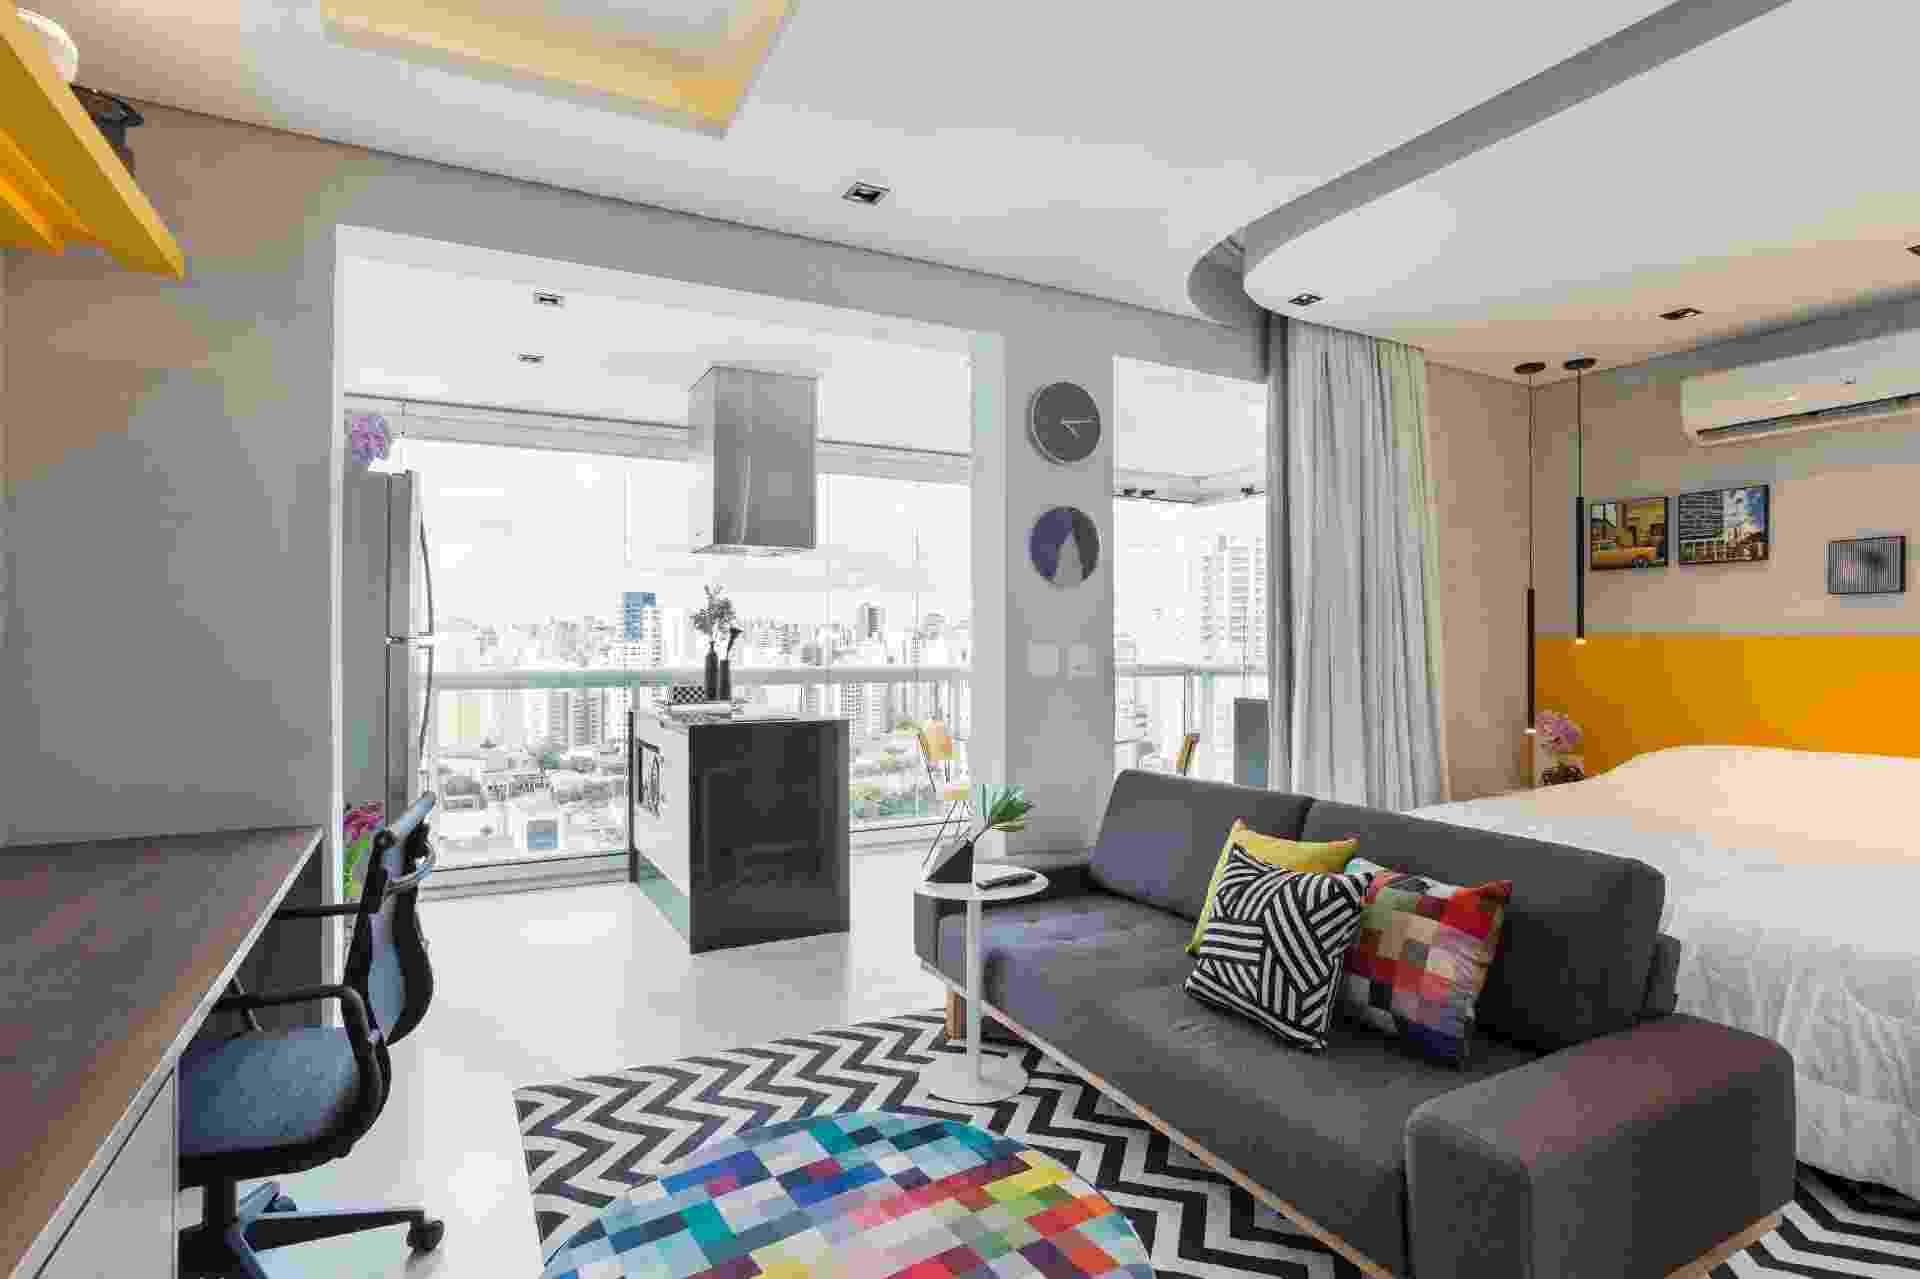 """Se você está pensando em investir em locação do tipo Airbnb e Booking, lembre-se de que o perfil do cliente é desconhecido e a identidade do imóvel não é muito definida. """"Escolha uma decoração que não seja nem sóbria, nem despojada"""",  ensina Igor Miyahara, autor do projeto deste apartamento de 38 m², em um flat. Este apê foi planejado com base neutra, toques de cor e detalhes estampados - Maura Mello/Divulgação"""